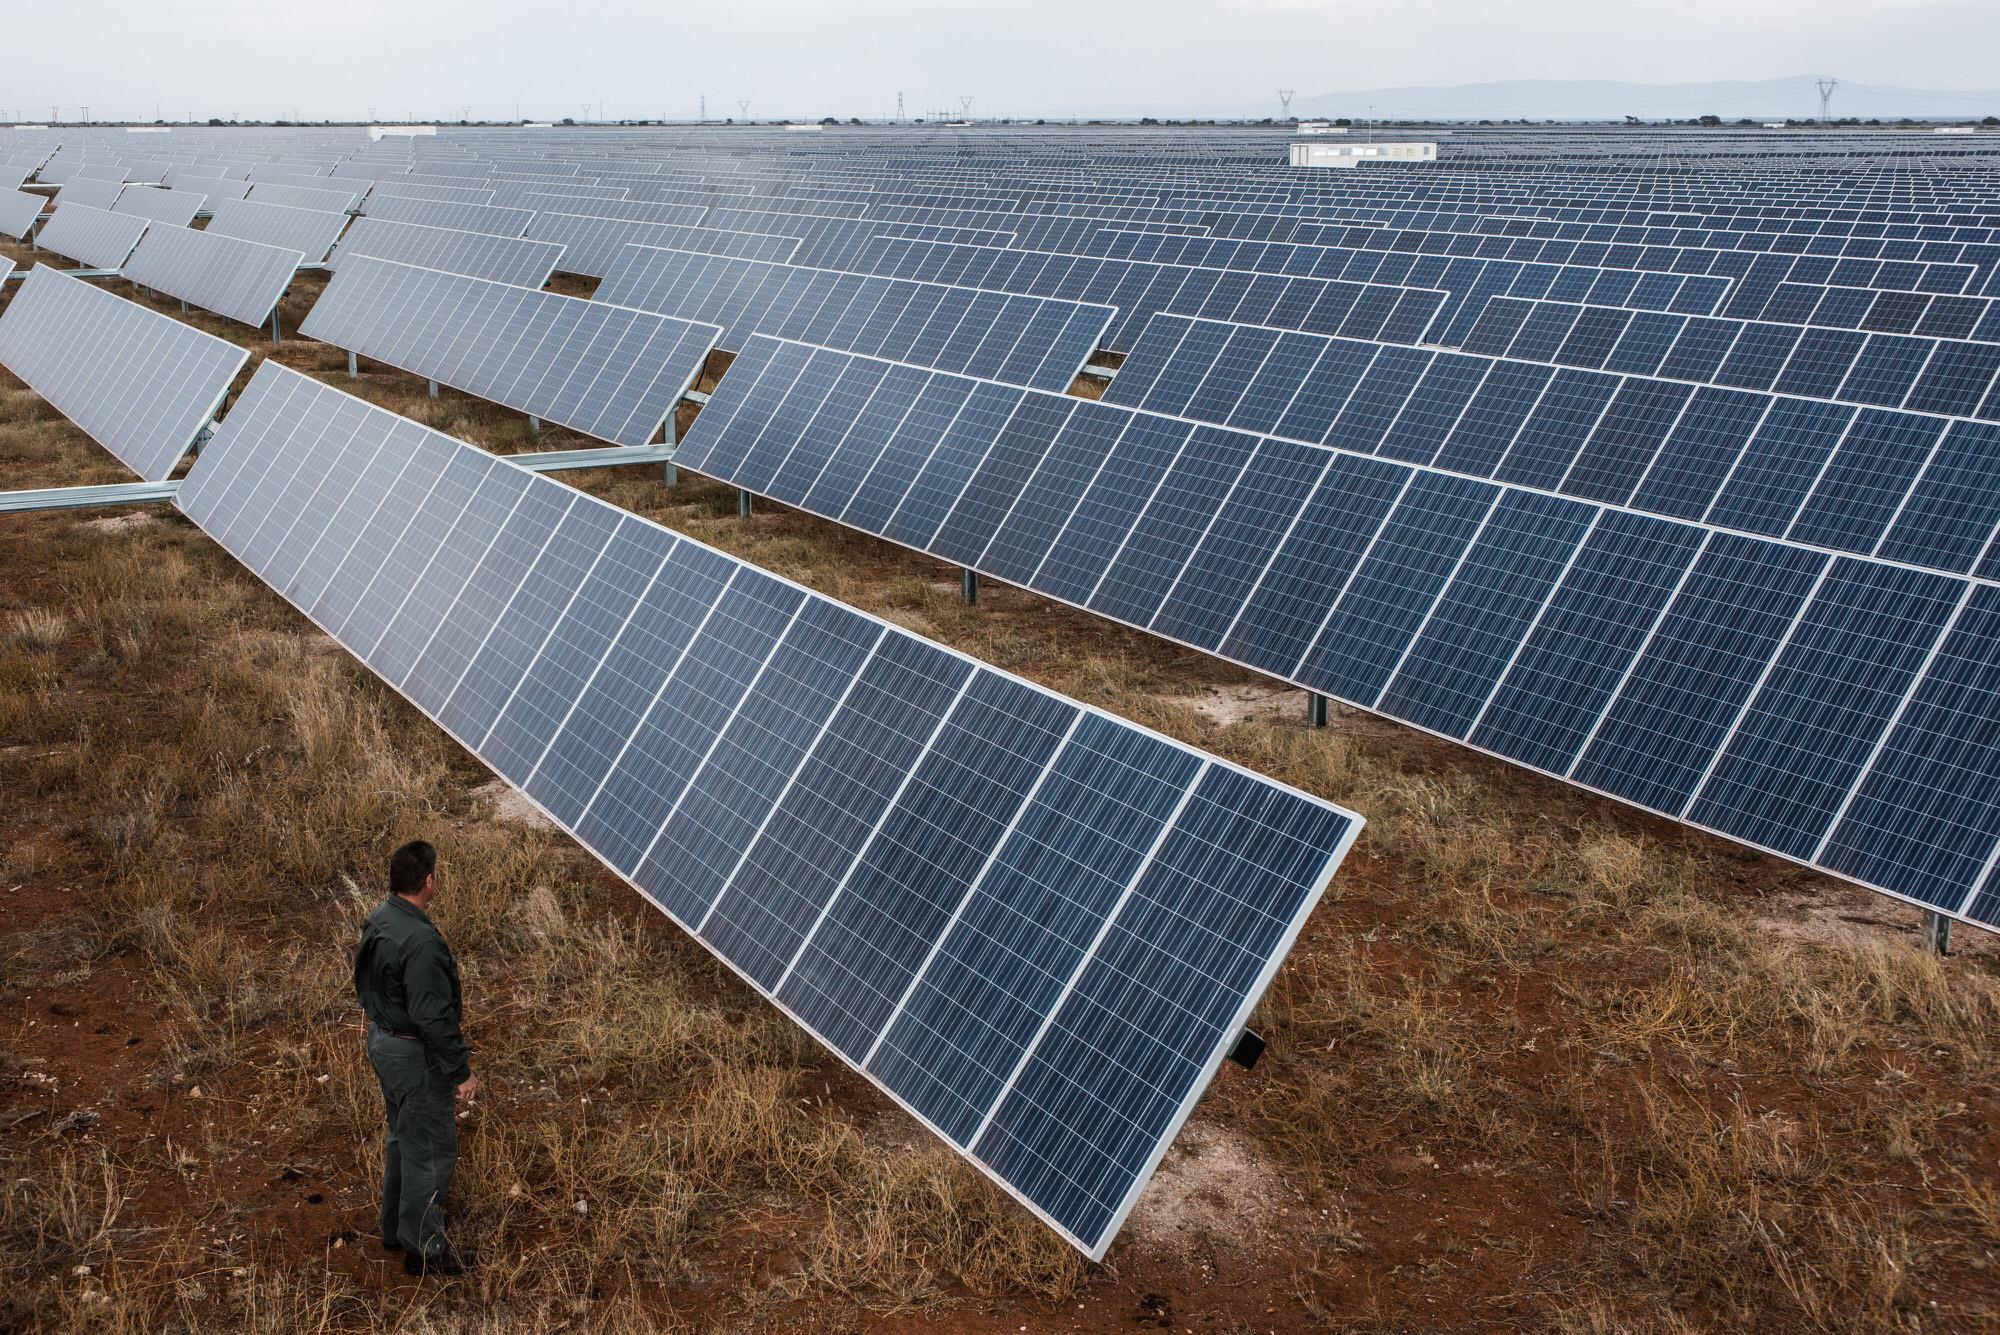 彭博社:2017年中国新增太阳能装机容量将创新高